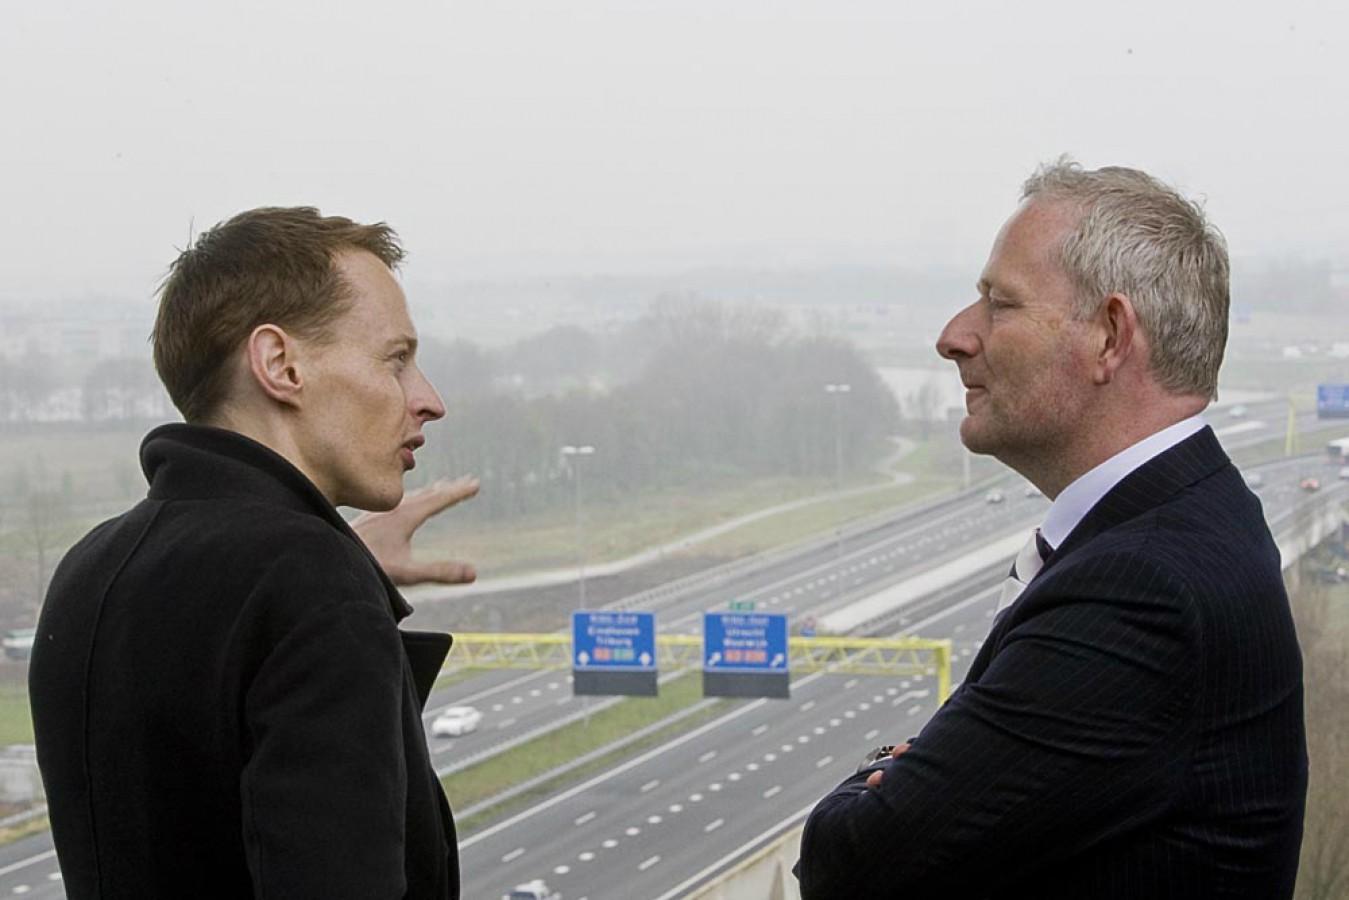 Daan Roosegaarde and director of Heijmans